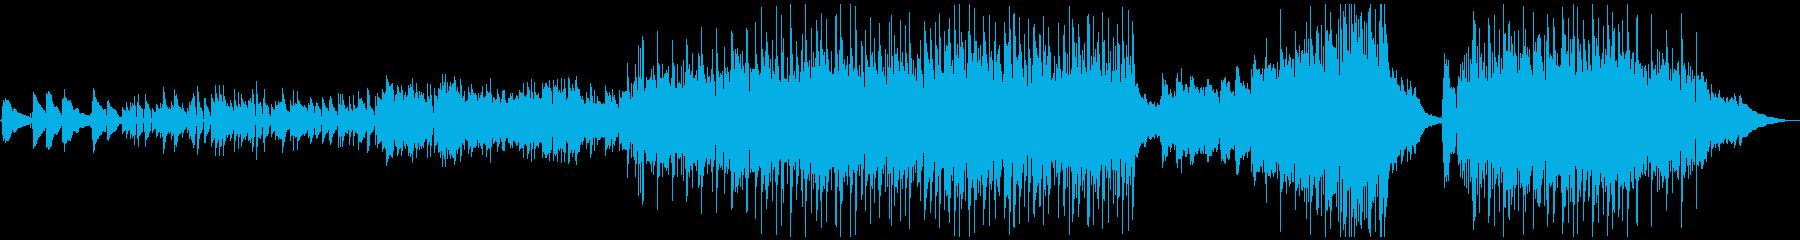 音響機器反射的で希望に満ちたテーマ...の再生済みの波形